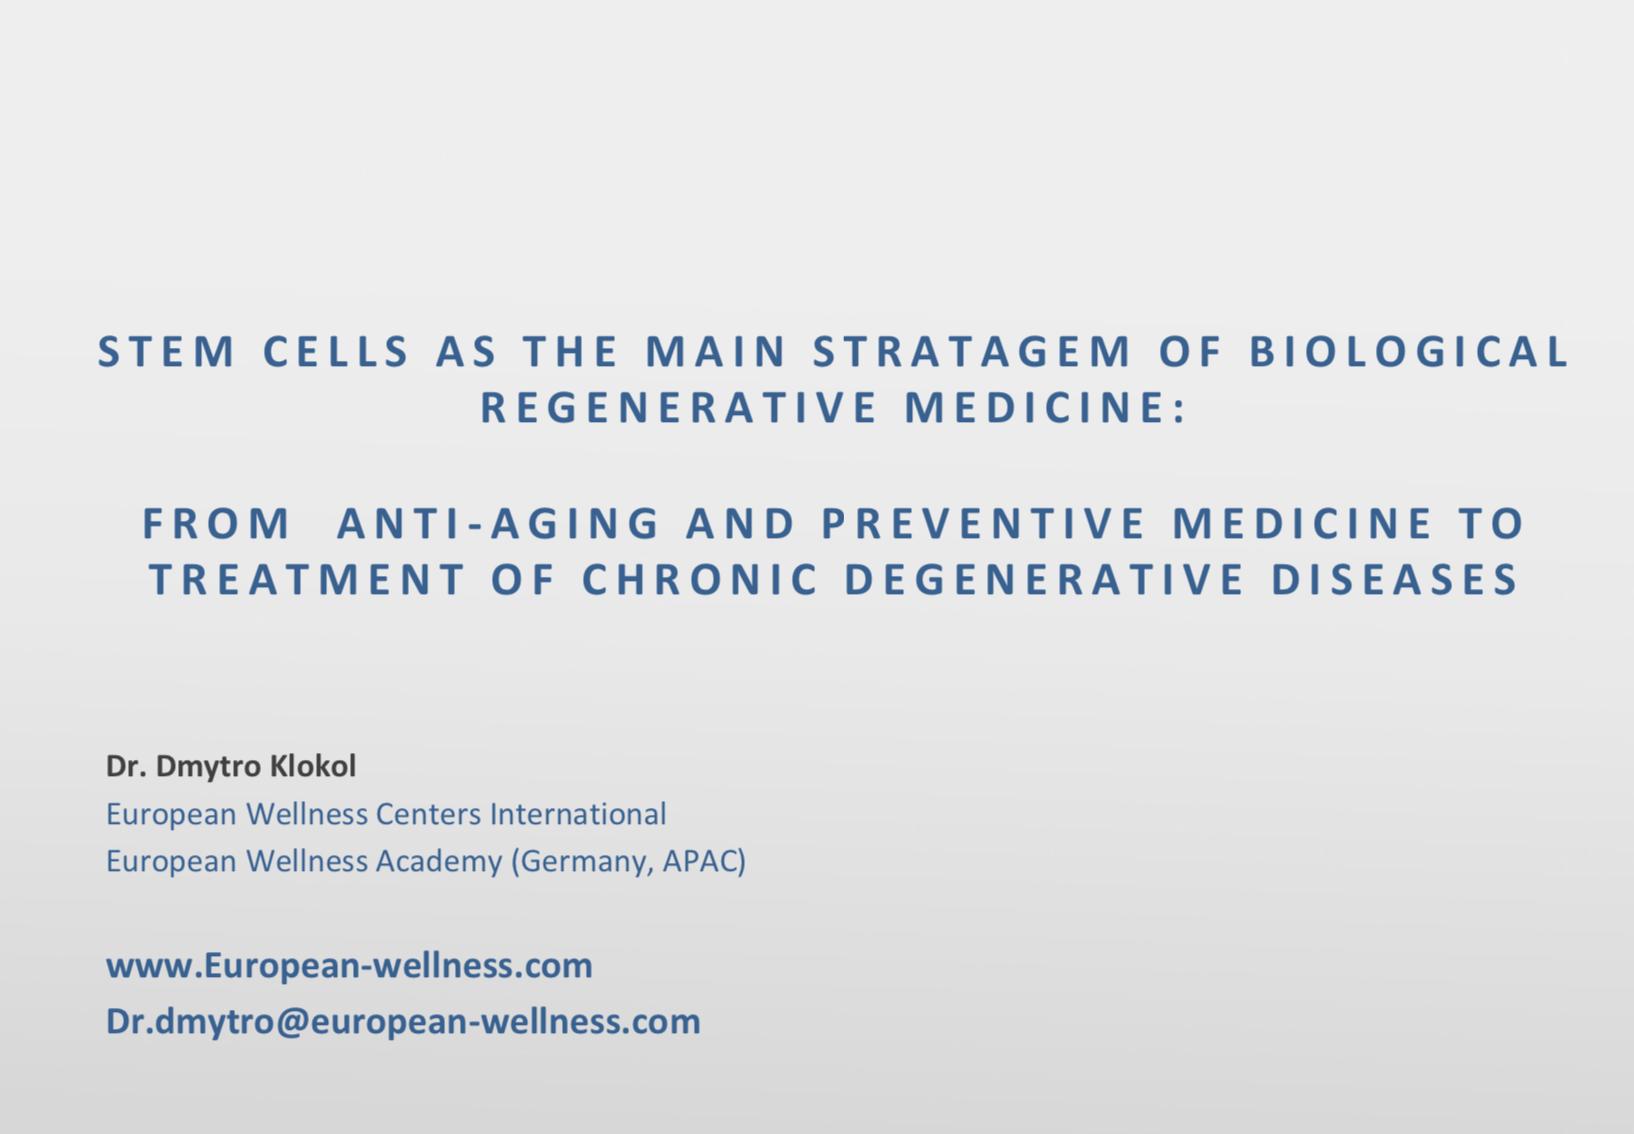 Stem cells regenerative medicine, People Unlimited